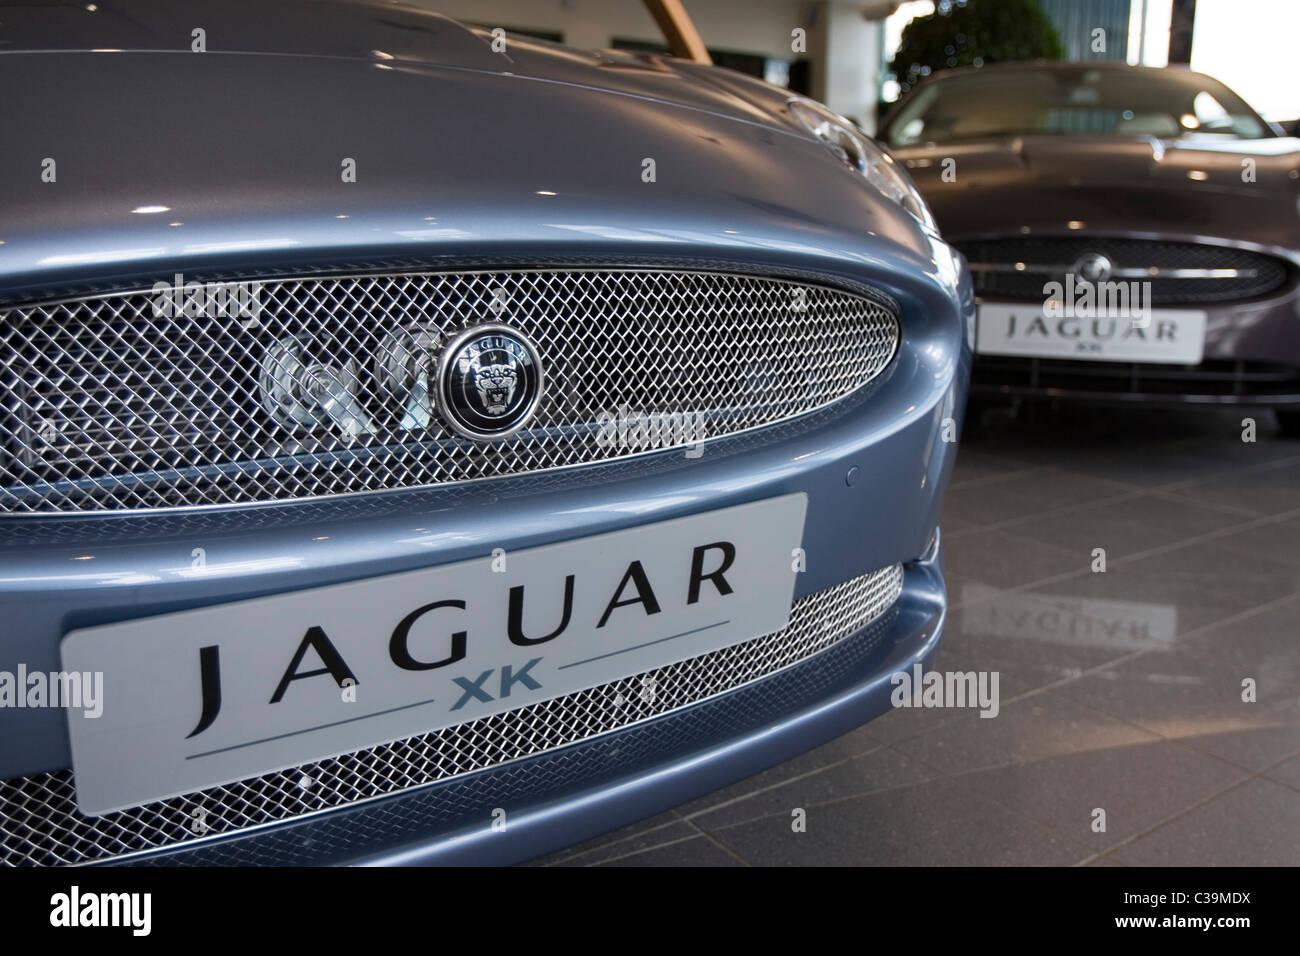 Jaguar Car Emblem Stock Photos Amp Jaguar Car Emblem Stock